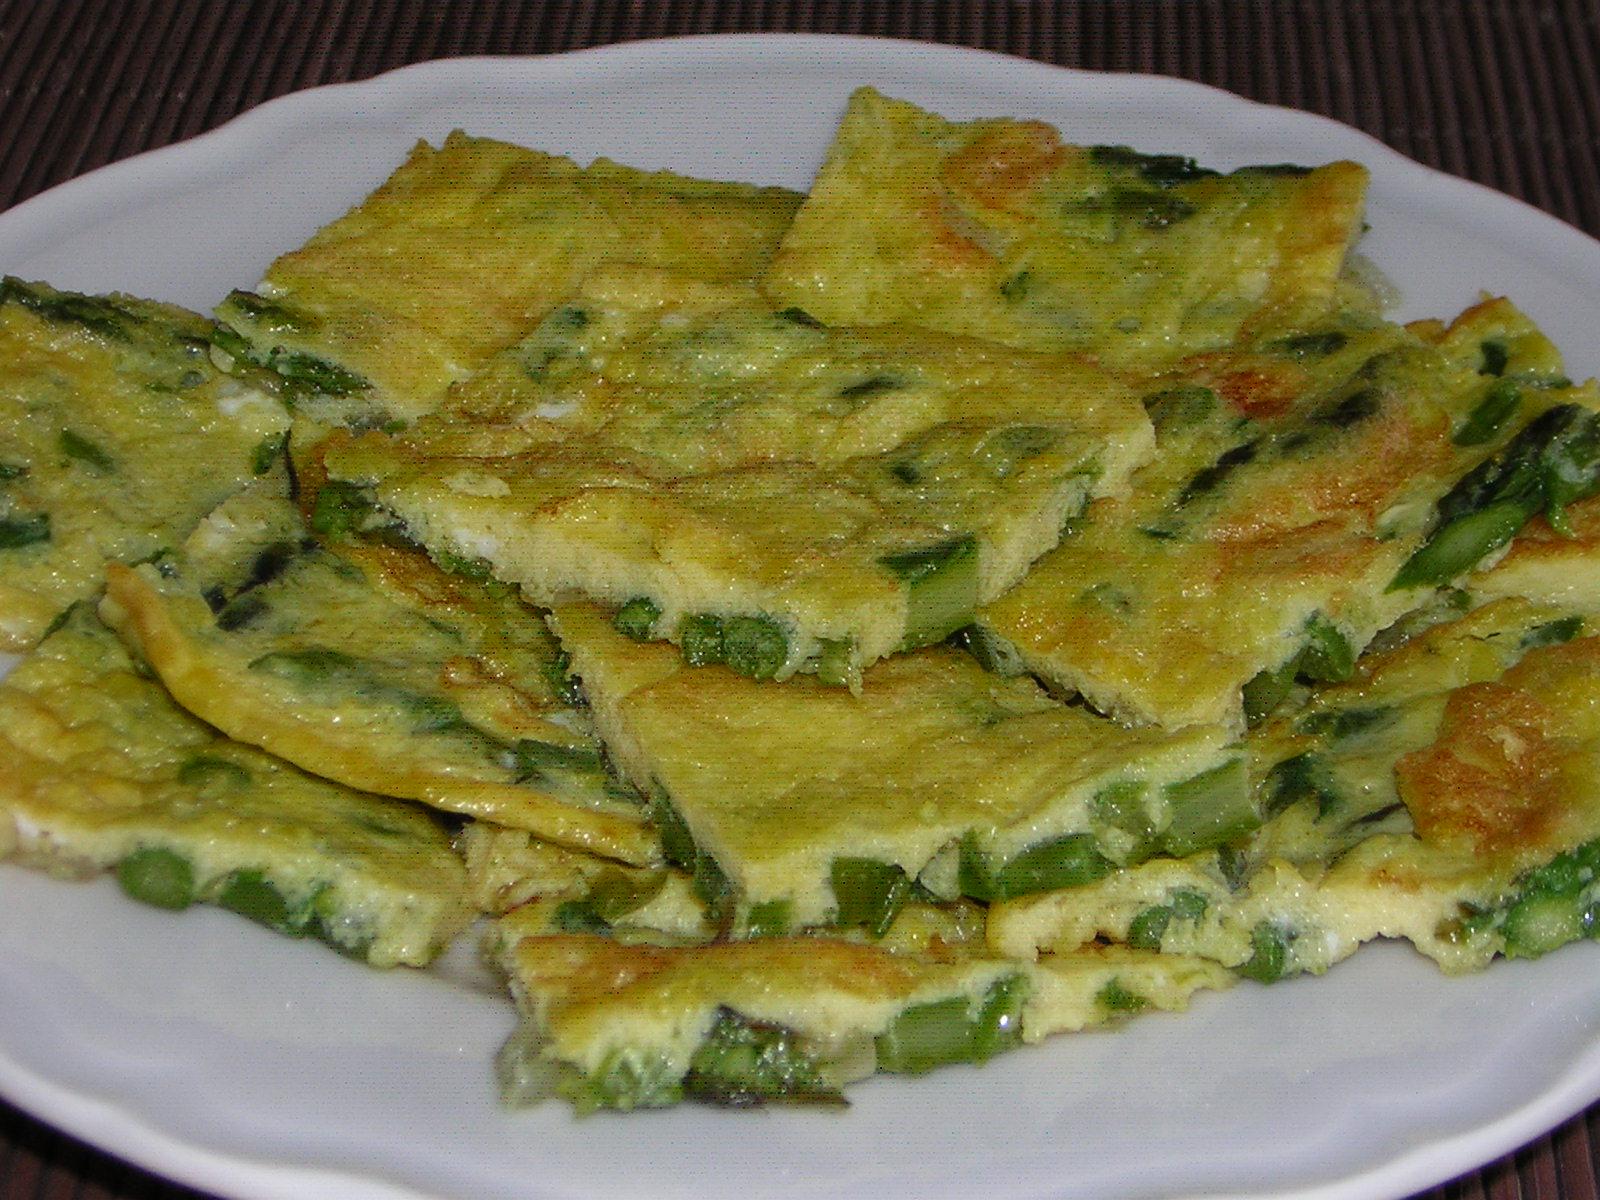 preparazione della frittata con asparagi e cipolla